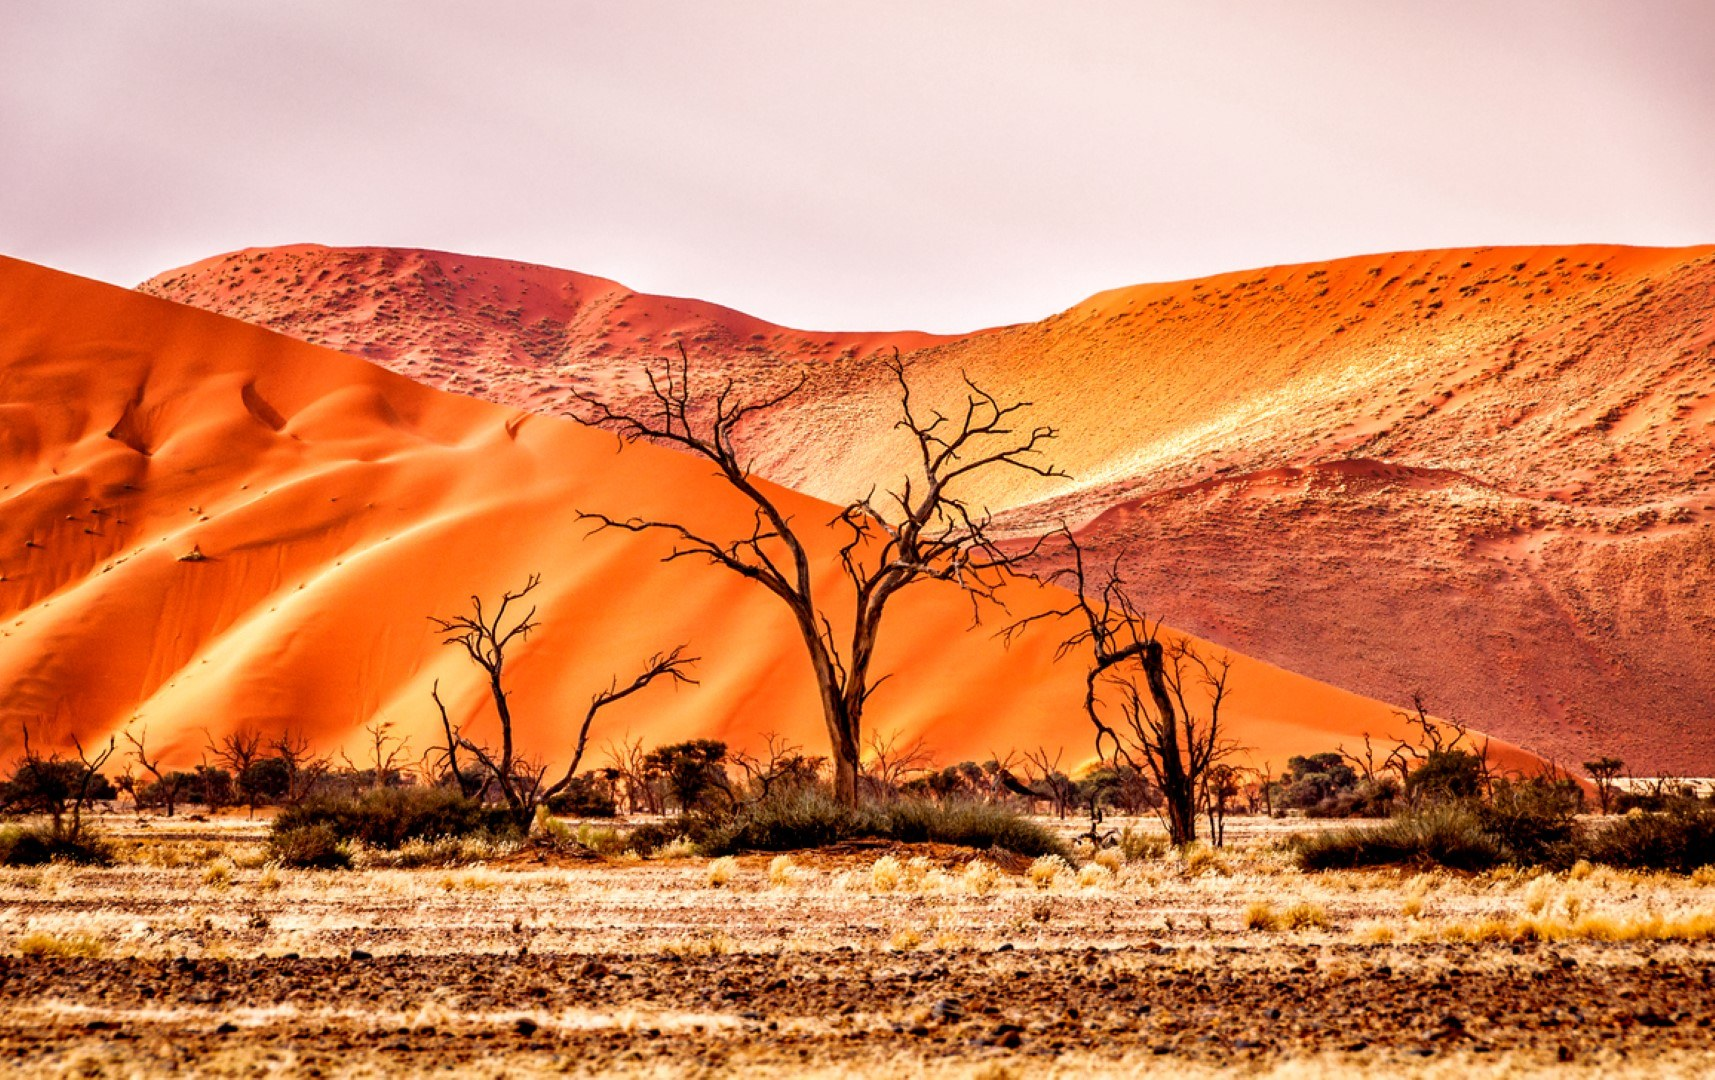 As cores da Namíbia, marcadas em cada paisagem